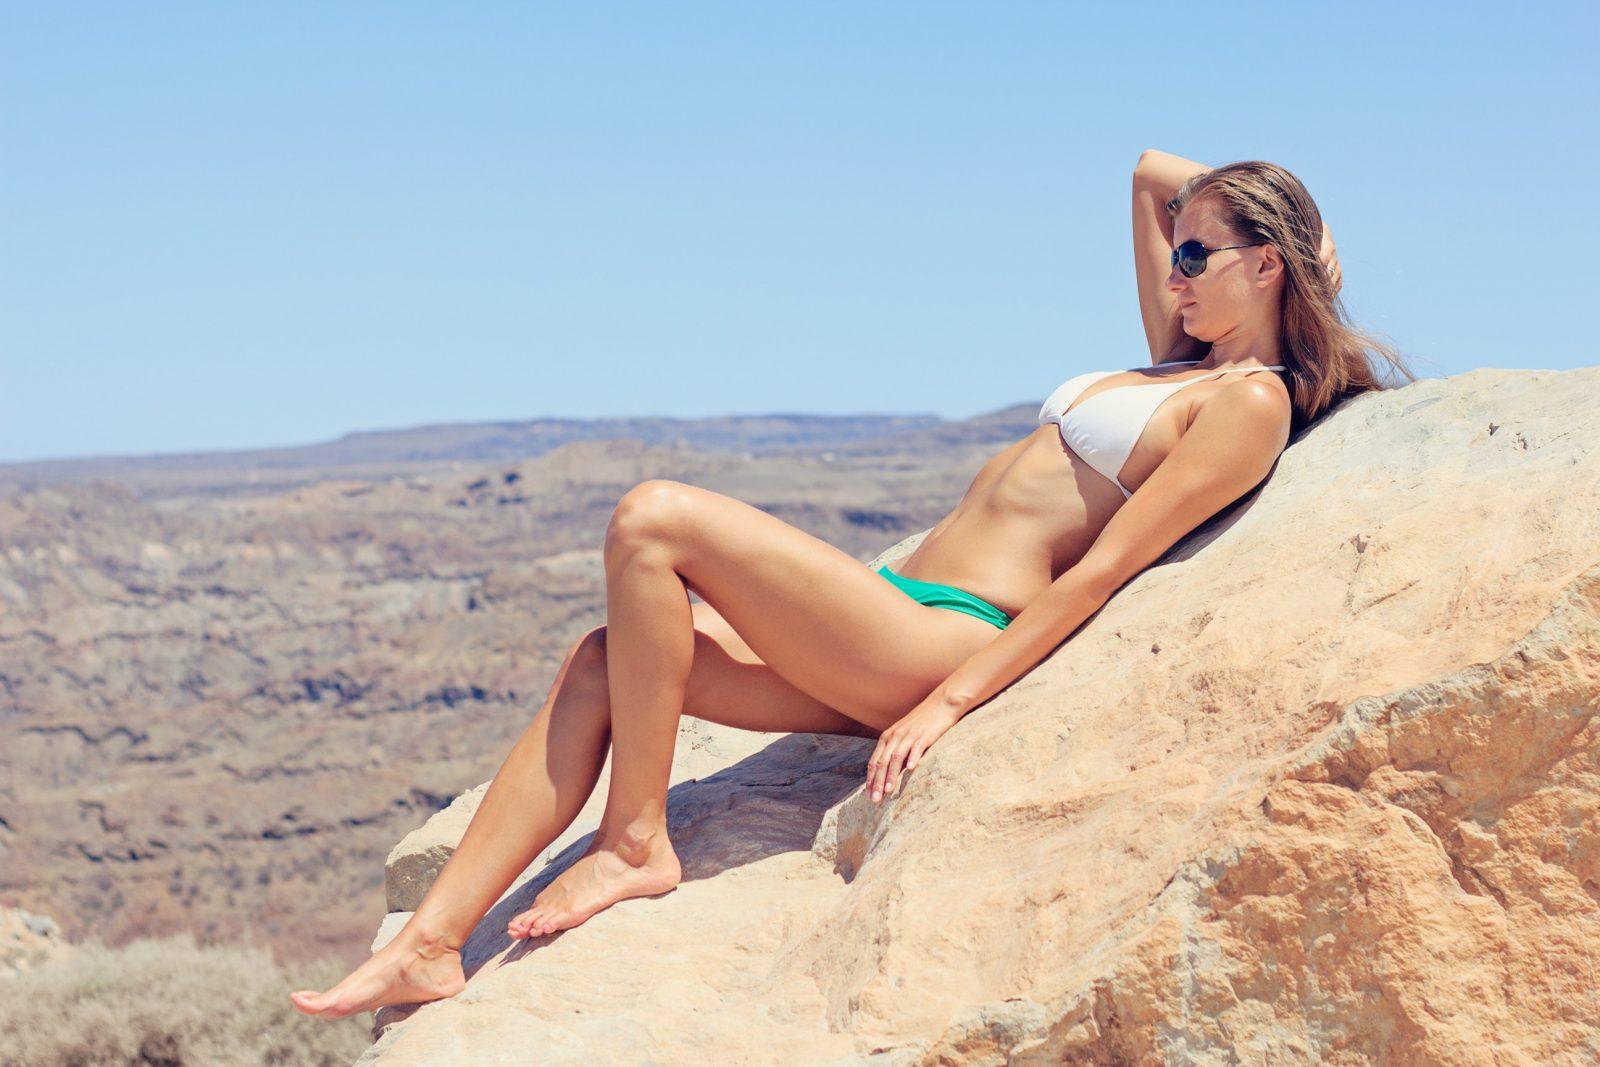 GET A BIKINI BODY IN 60 DAYS bikini body female 325174